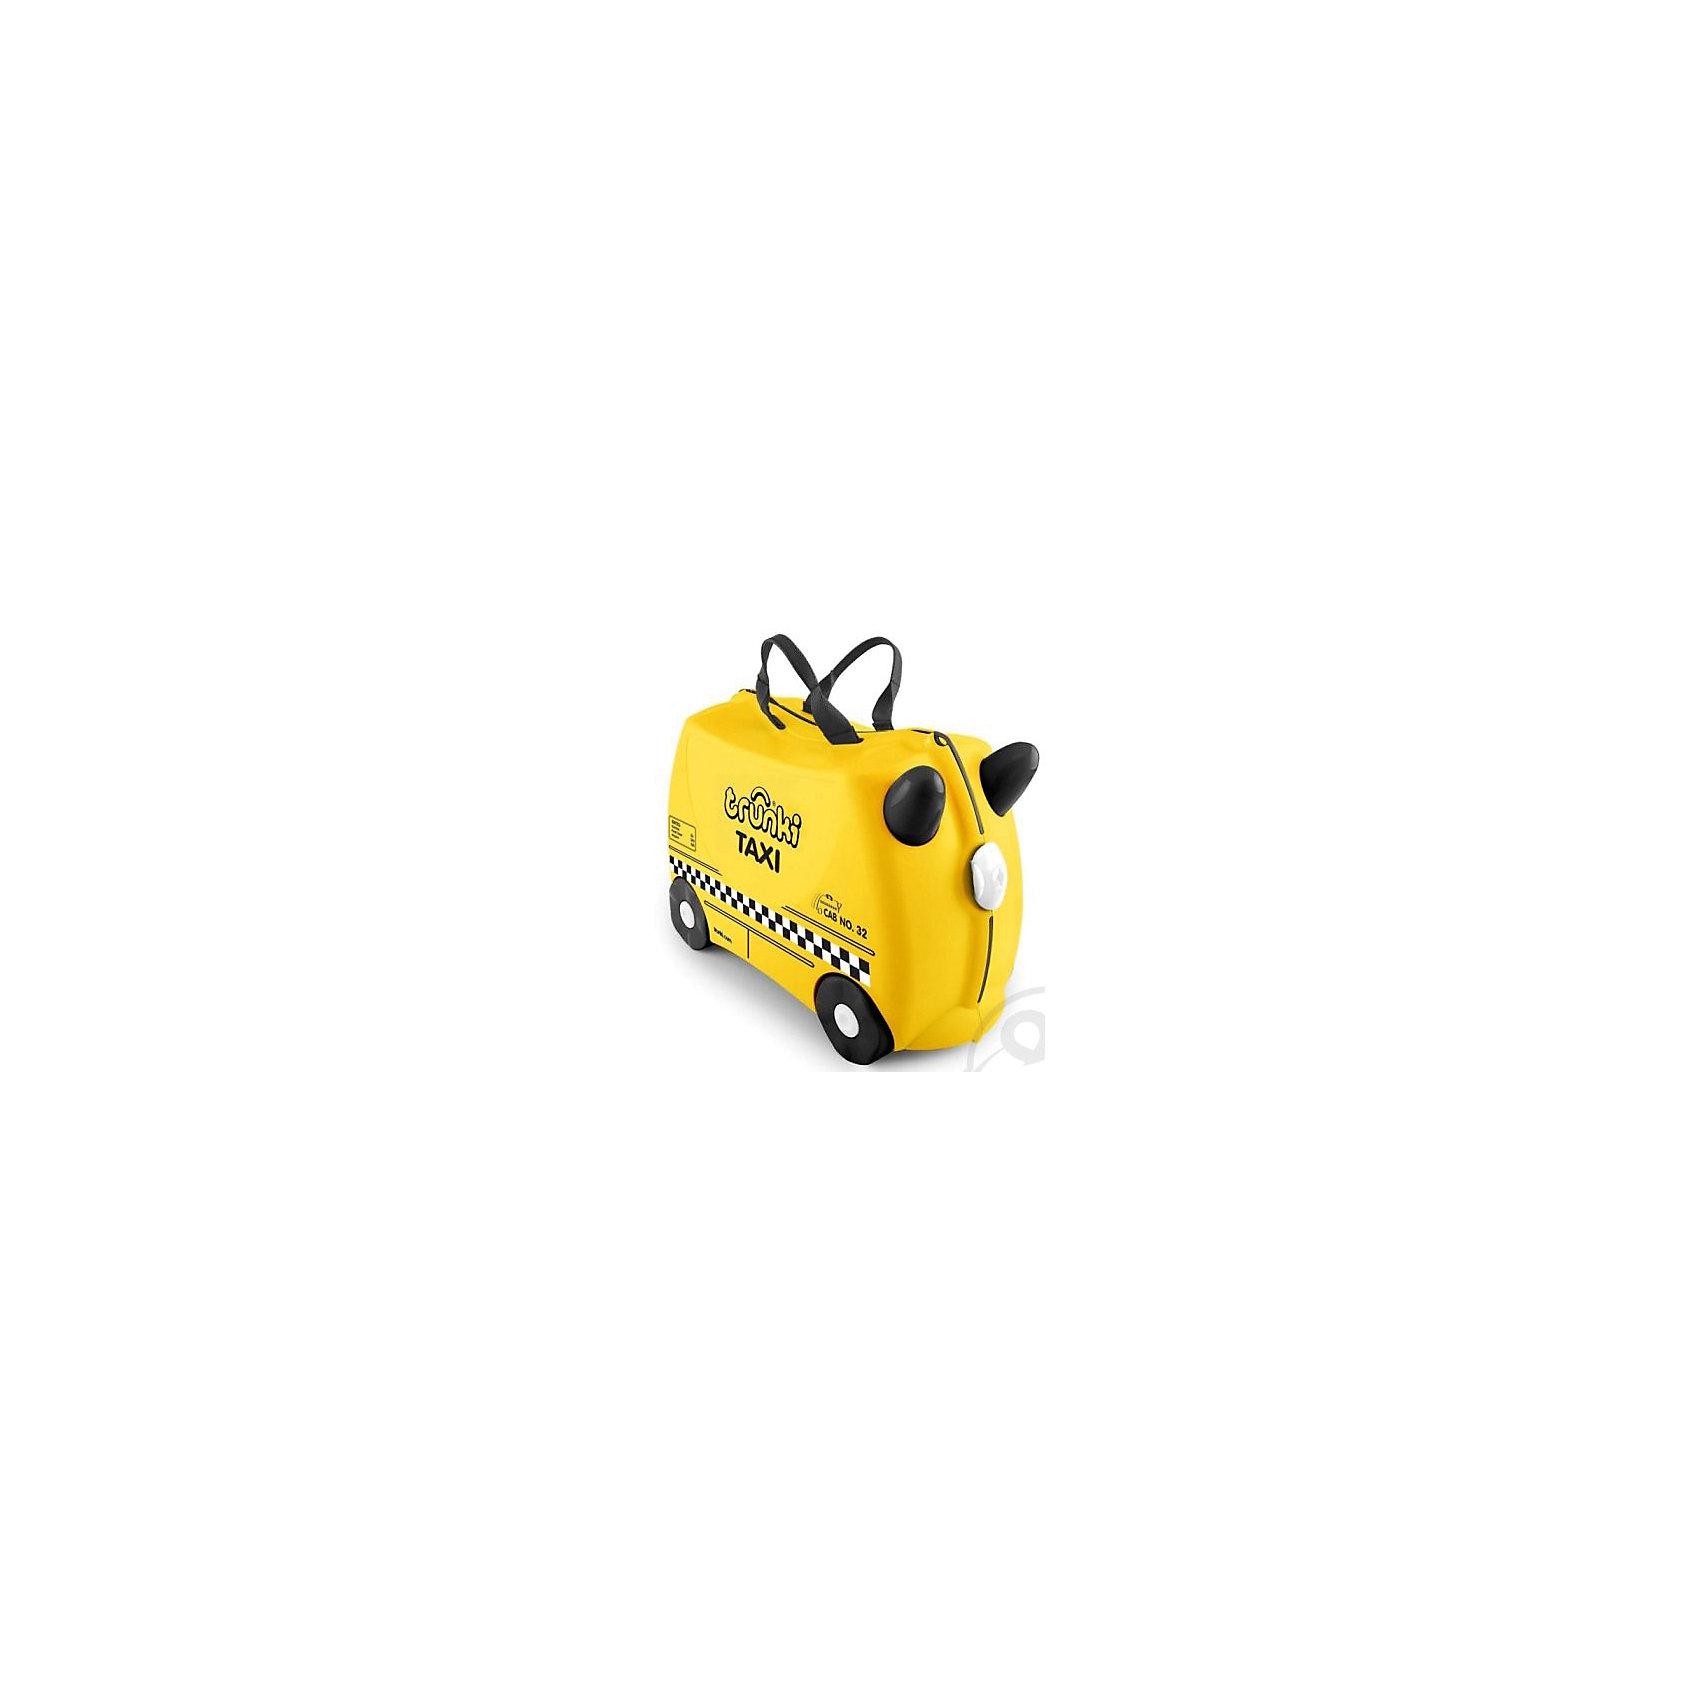 Чемодан на колесиках Тони таксист, TRUNKIДорожные сумки и чемоданы<br>Характеристики чемодан на колесиках Тони таксист:<br><br>• возраст: от 3 лет<br>• пол: для мальчиков<br>• цвет: желто-черный.<br>• допустимый вес эксплуатации : 50 кг.<br>• состав: пластик, текстиль.<br>• объем: 18 л.<br>• размер игрушки: 46 х 21 х 31 см.<br>• вес: 1.7 кг. <br>• упаковка: картонная коробка.<br>• бренд: Trunki<br>• страна обладатель бренда: Великобритания.<br><br>Чемодан на колесиках Тони-таксист вместит все необходимое для недолгого путешествия. Надежные застежки сохранят вещи в целости. Чемодан будет удобно как нести за ручки, так и везти на колесиках. Если ваш ребенок захочет передохнуть, то можно посадить его сверху.<br><br>Чемодан на колесиках Тони таксист торговой марки Транки (Trunki) можно купить в нашем интернет-магазине.<br><br>Ширина мм: 460<br>Глубина мм: 210<br>Высота мм: 310<br>Вес г: 1700<br>Возраст от месяцев: 36<br>Возраст до месяцев: 2147483647<br>Пол: Мужской<br>Возраст: Детский<br>SKU: 5448802